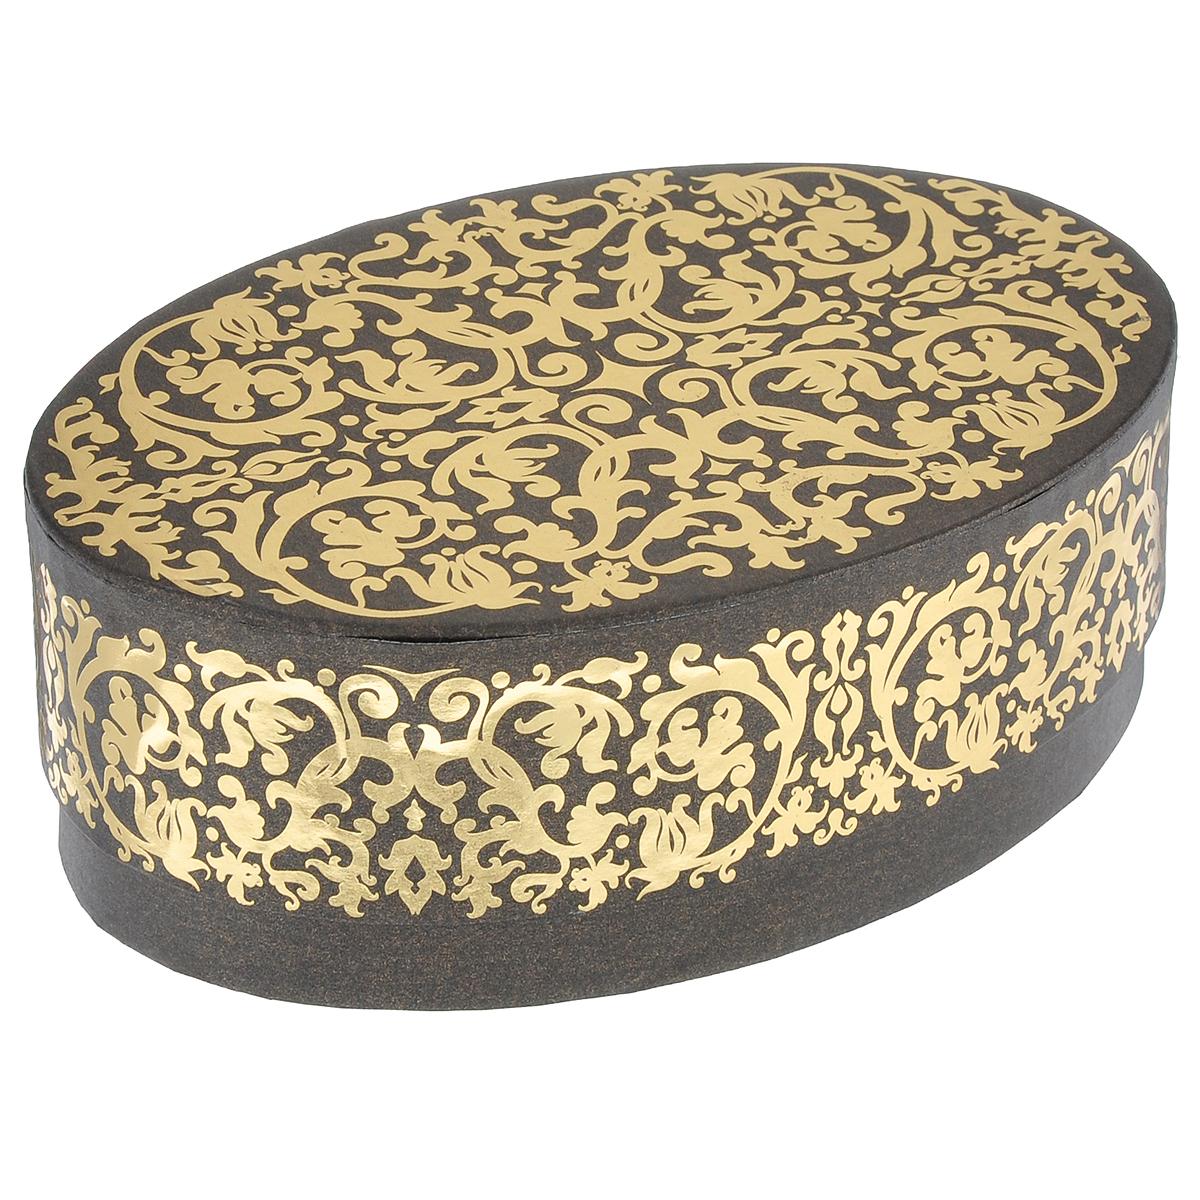 Коробка подарочная Карамель, 18 см х 12 см х 6 смC0042416Подарочная коробка Карамель изготовлена из плотного картона, оформленного красивым золотистым орнаментом. Прекрасно подходит в качестве подарочной упаковки для мелких предметов. Красивый дизайн привлекает внимание, кроме того, он универсальный, поэтому коробка подойдет в качестве подарочной упаковки как для женщин, так и для мужчин. Подарок, преподнесенный в оригинальной упаковке, всегда будет самым эффектным и запоминающимся. Окружите близких людей вниманием и заботой, вручив презент в нарядном, праздничном оформлении.